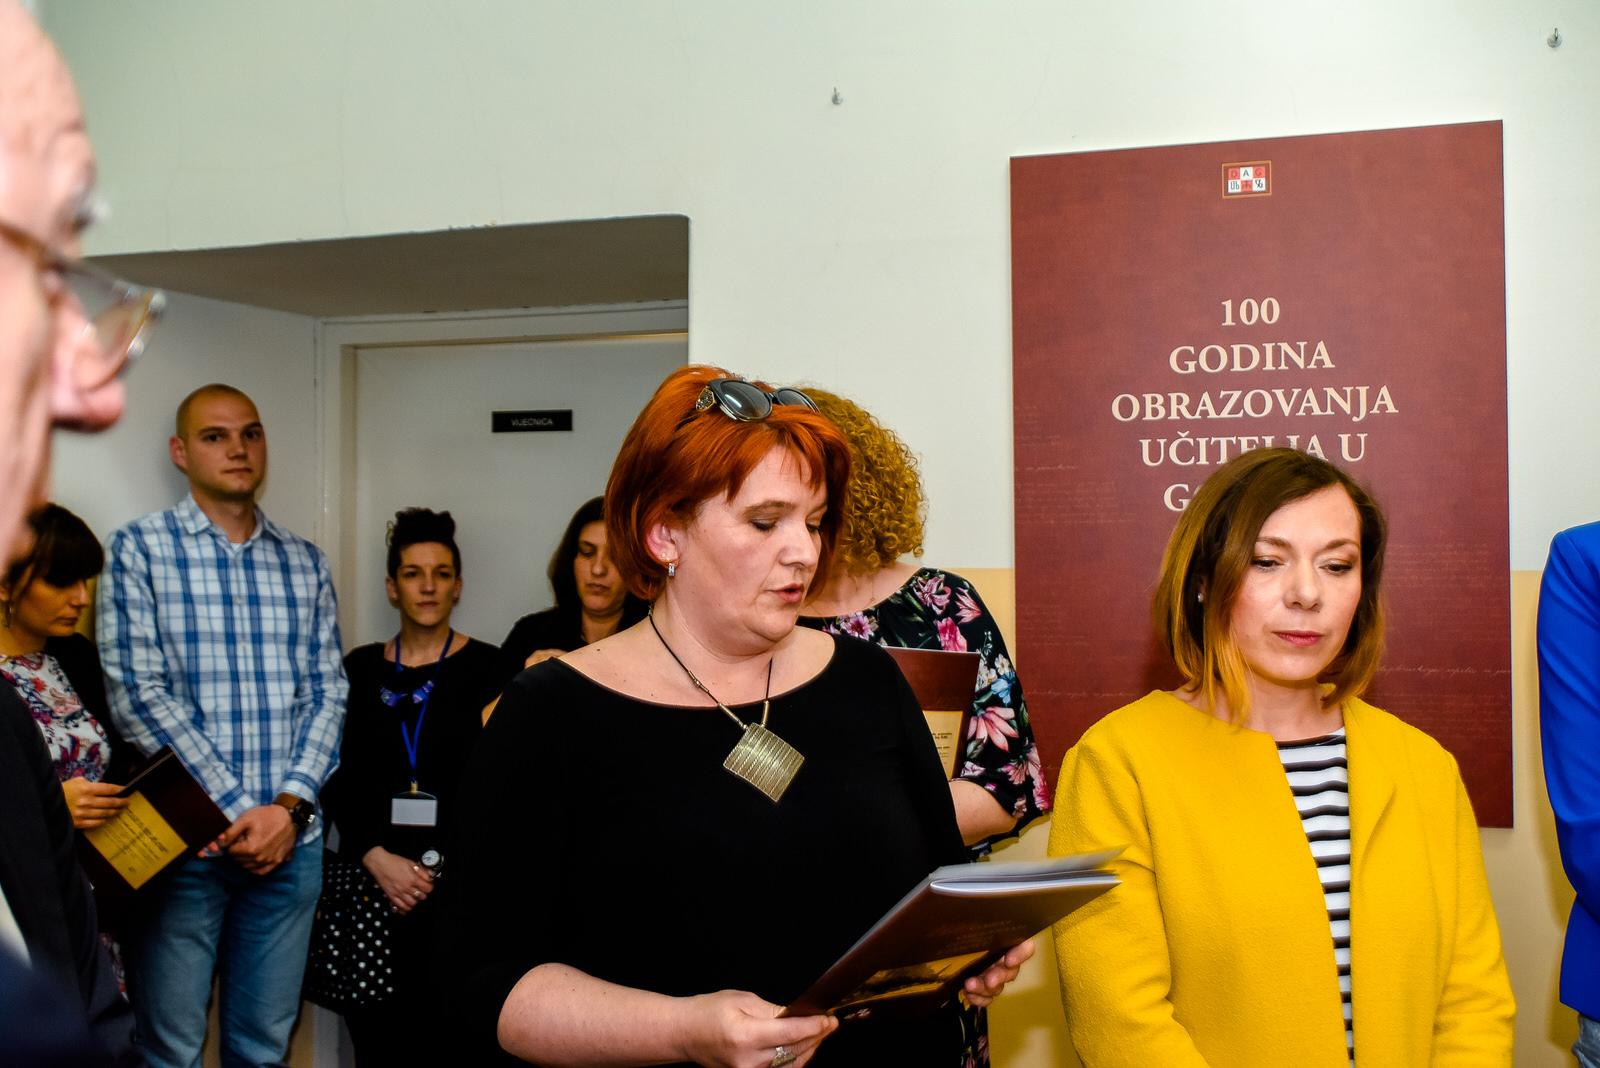 likaclub_gospić_100-godina-obrazovanja-učitelja-u-gospiću_2019-14